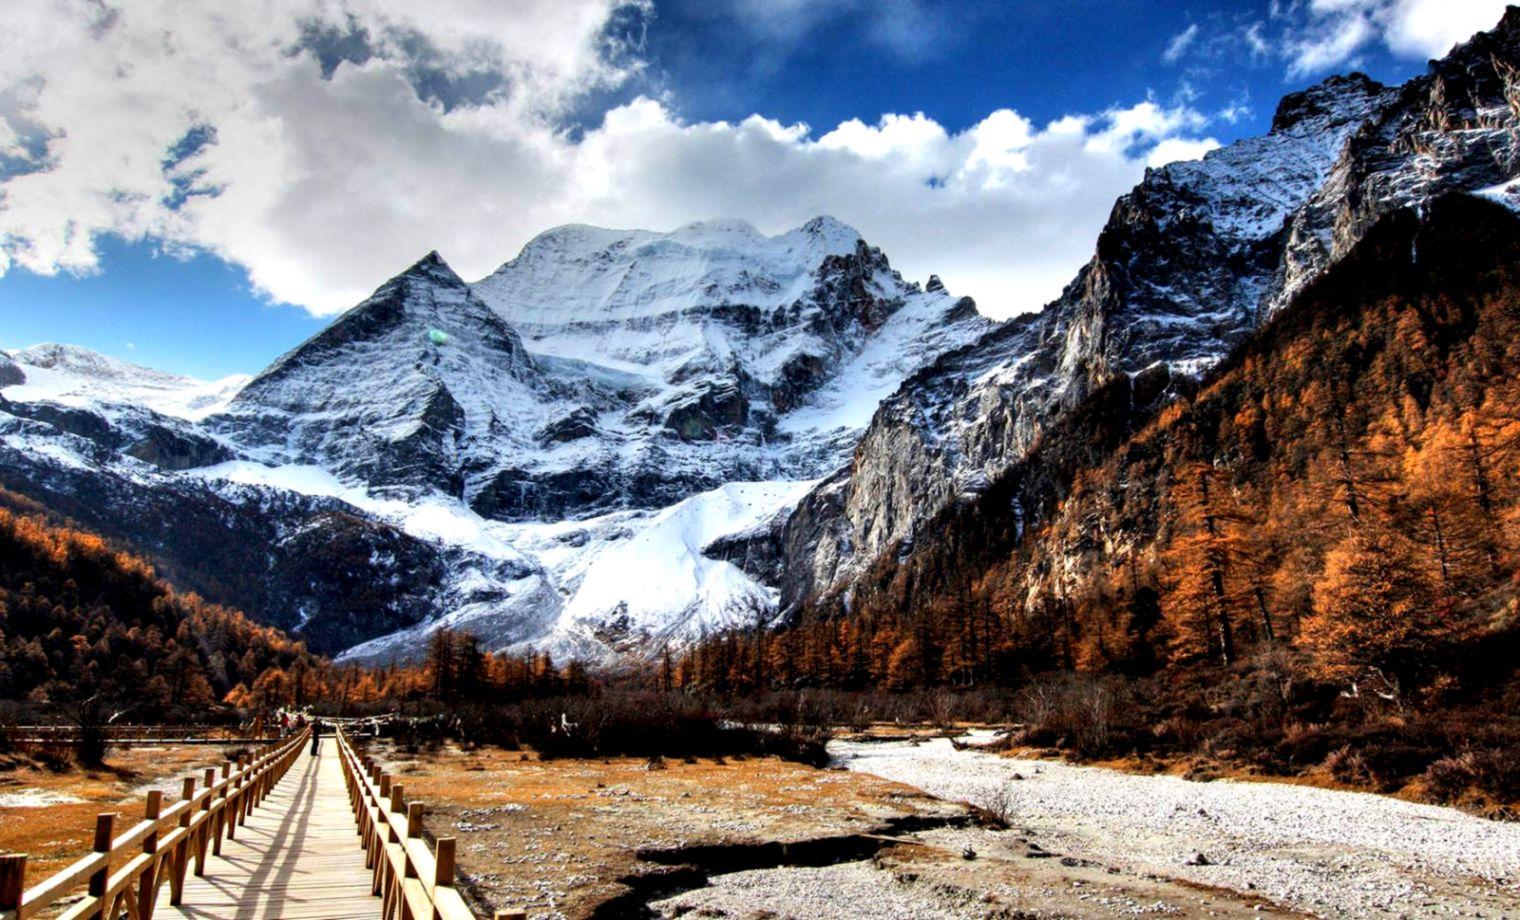 View Original Size Snowy Mountains HD Desktop Wallpaper Widescreen High